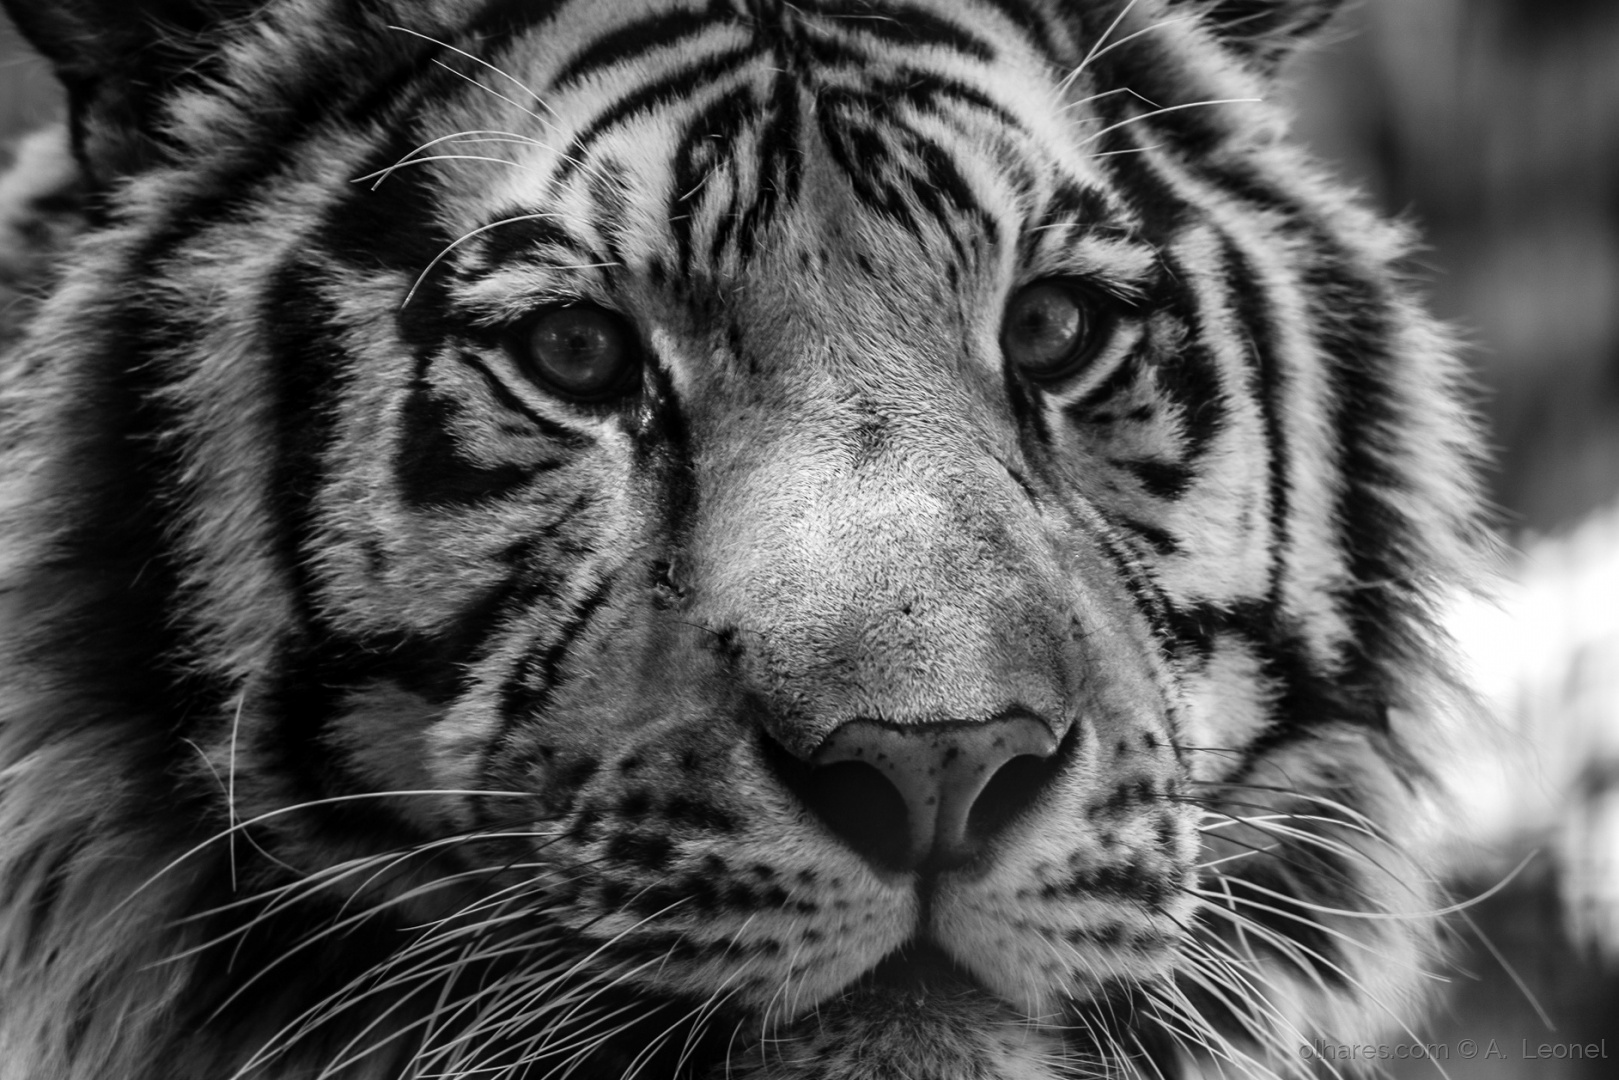 Animais/Tigre de Bengala